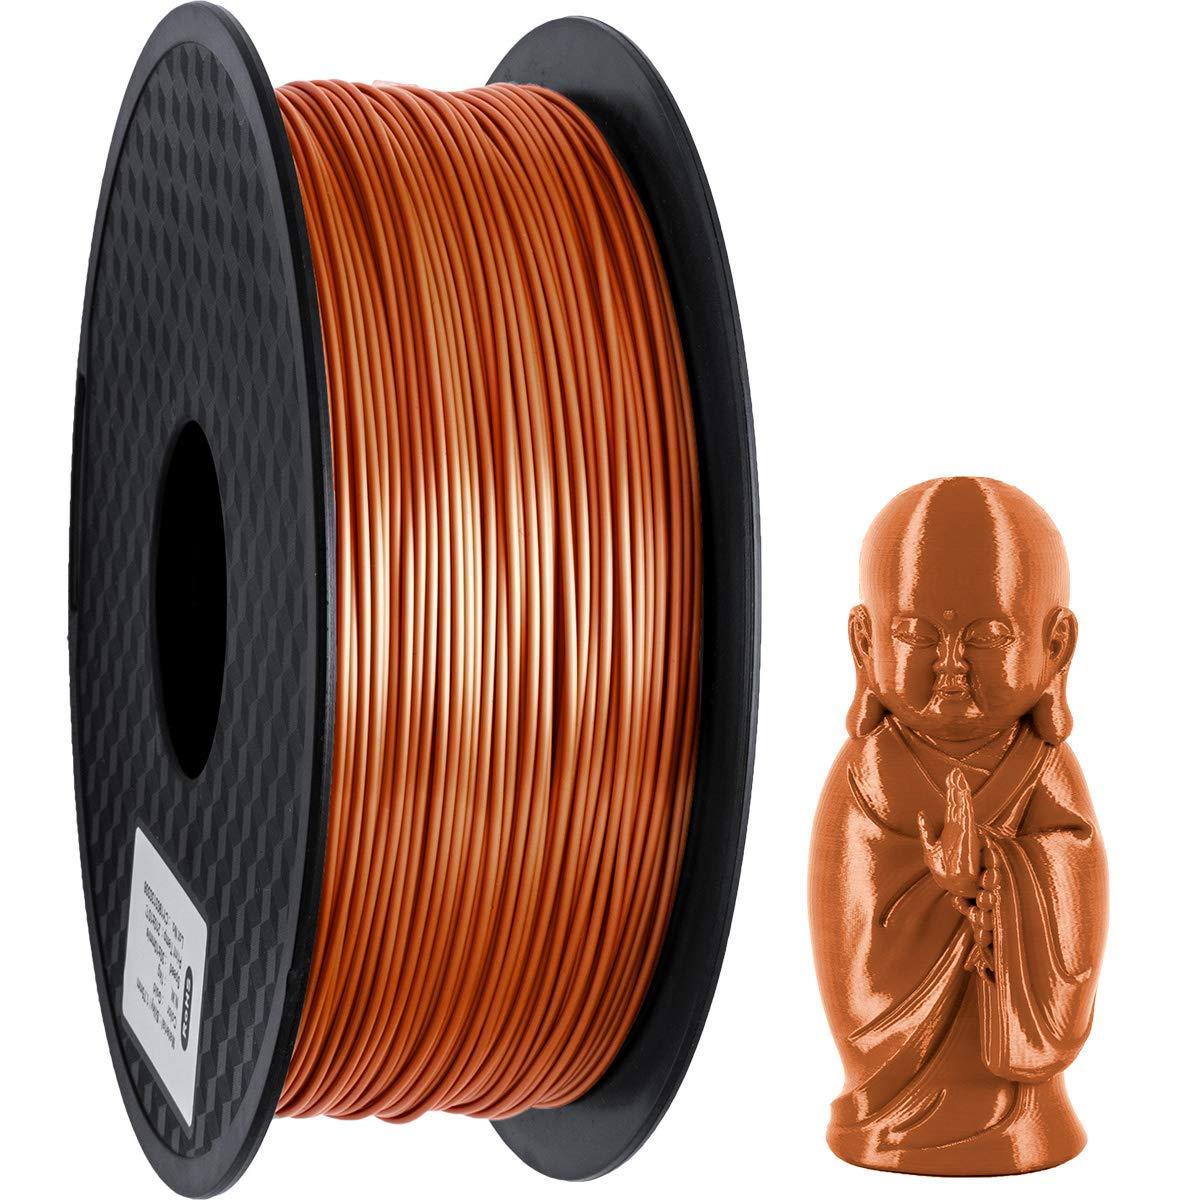 GIANTARM Filament PLA 1.75mm Silk Copper,3D Printer PLA Filament 1kg Spool